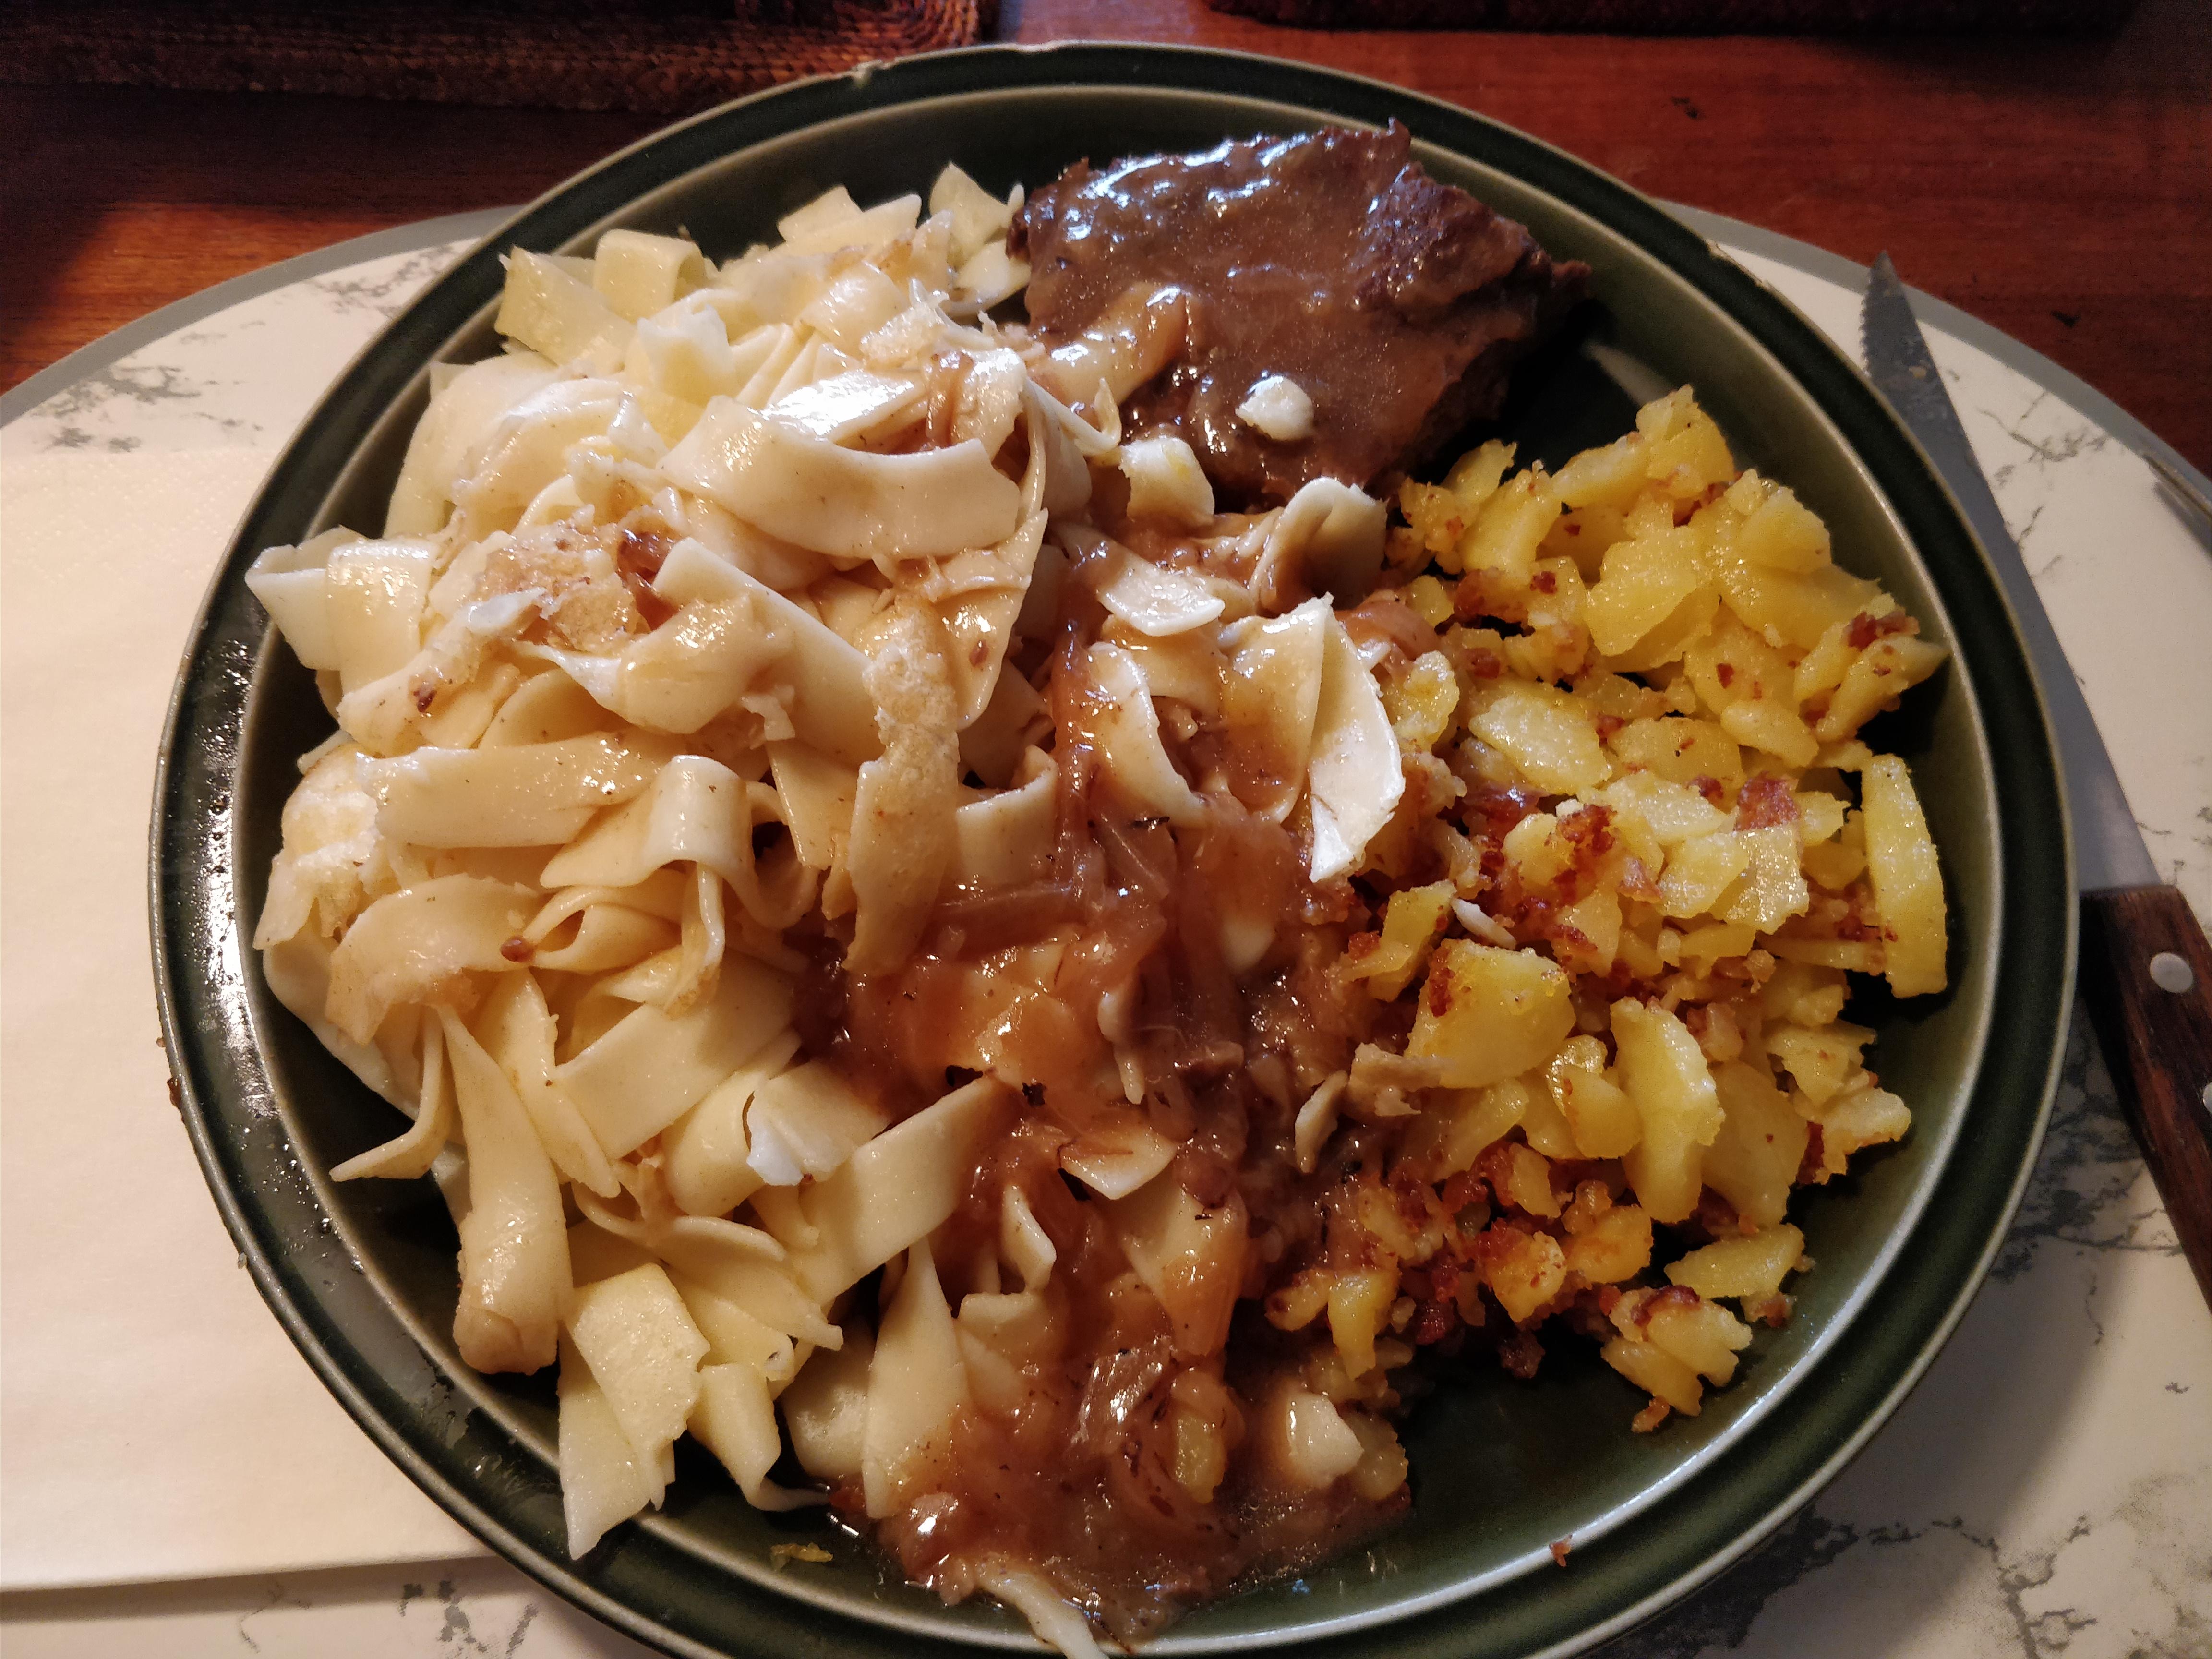 http://foodloader.net/nico_2017-09-06_zwiebelrostbraten-nudeln-bratkartoffeln.jpg